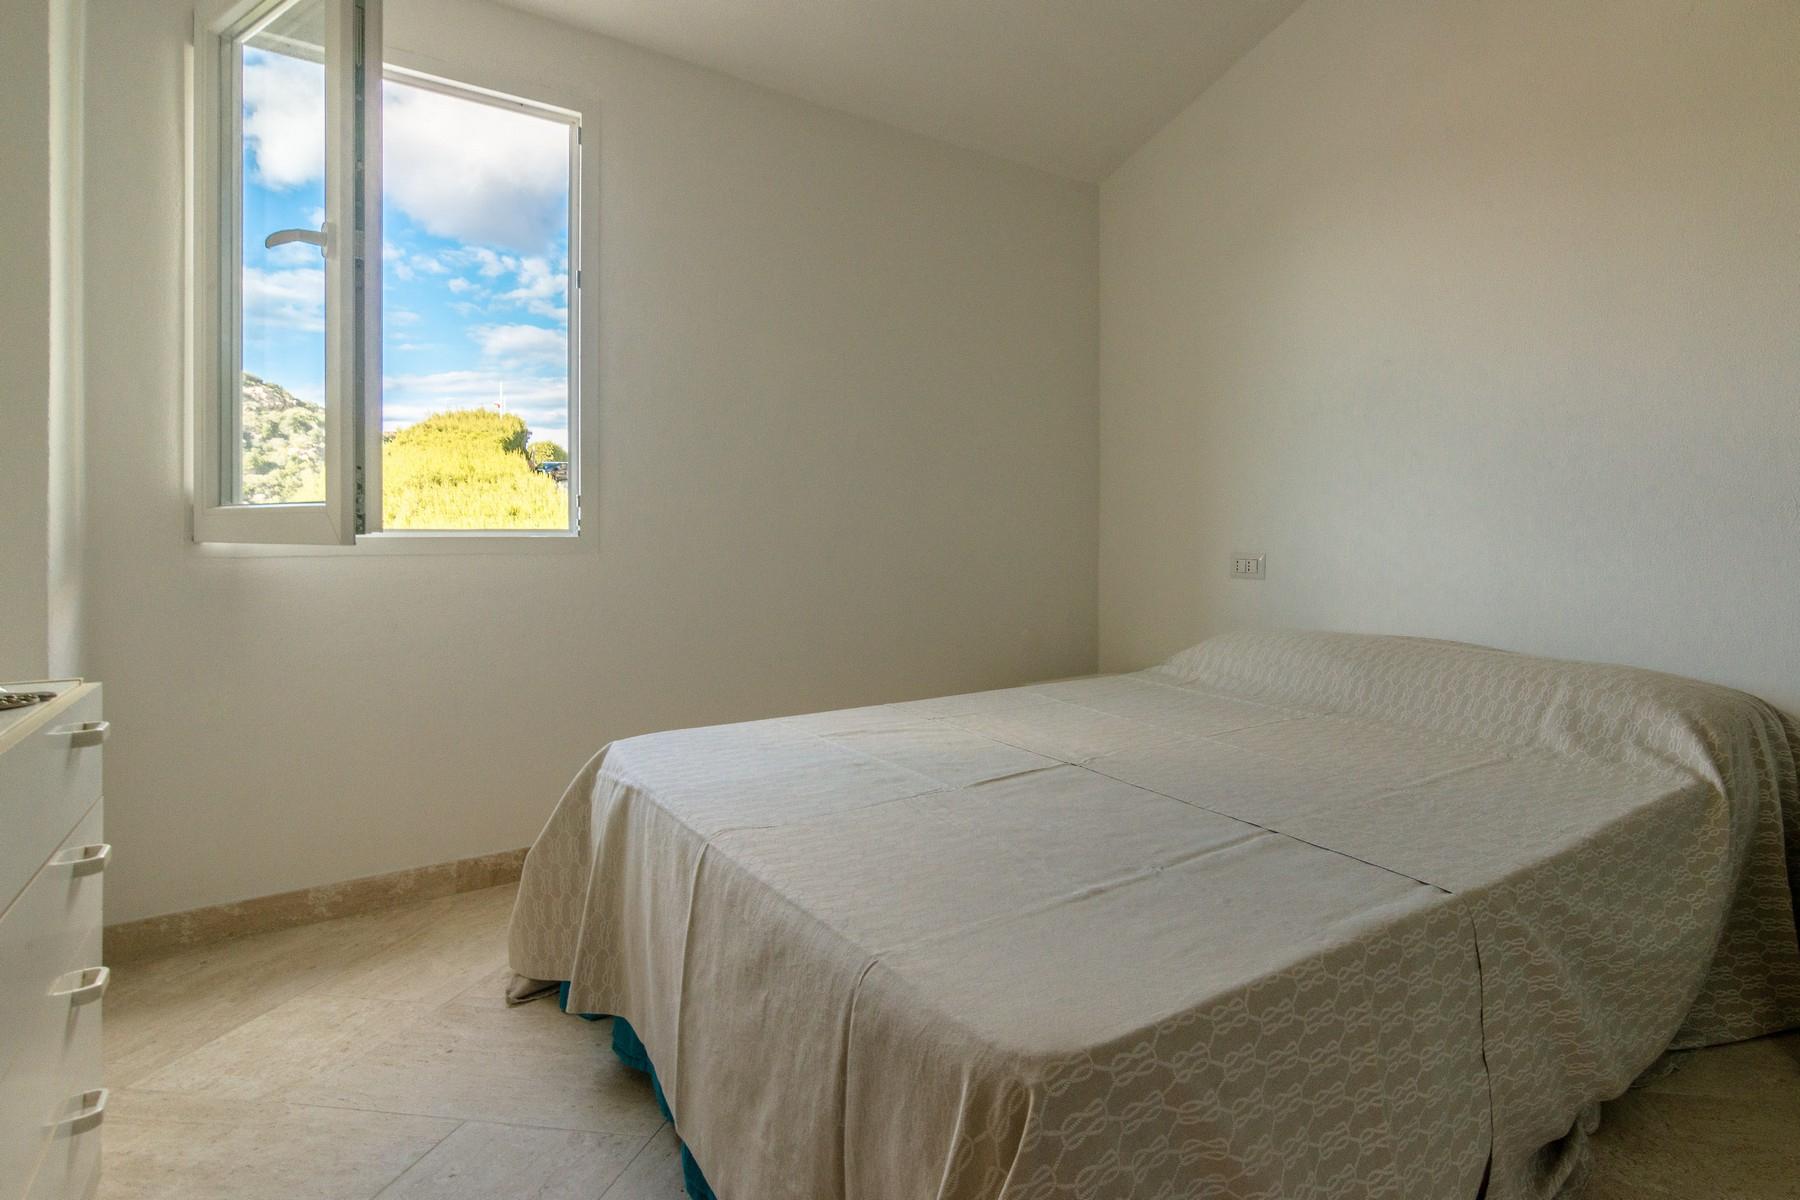 Appartamento in Vendita a Arzachena: 5 locali, 97 mq - Foto 10